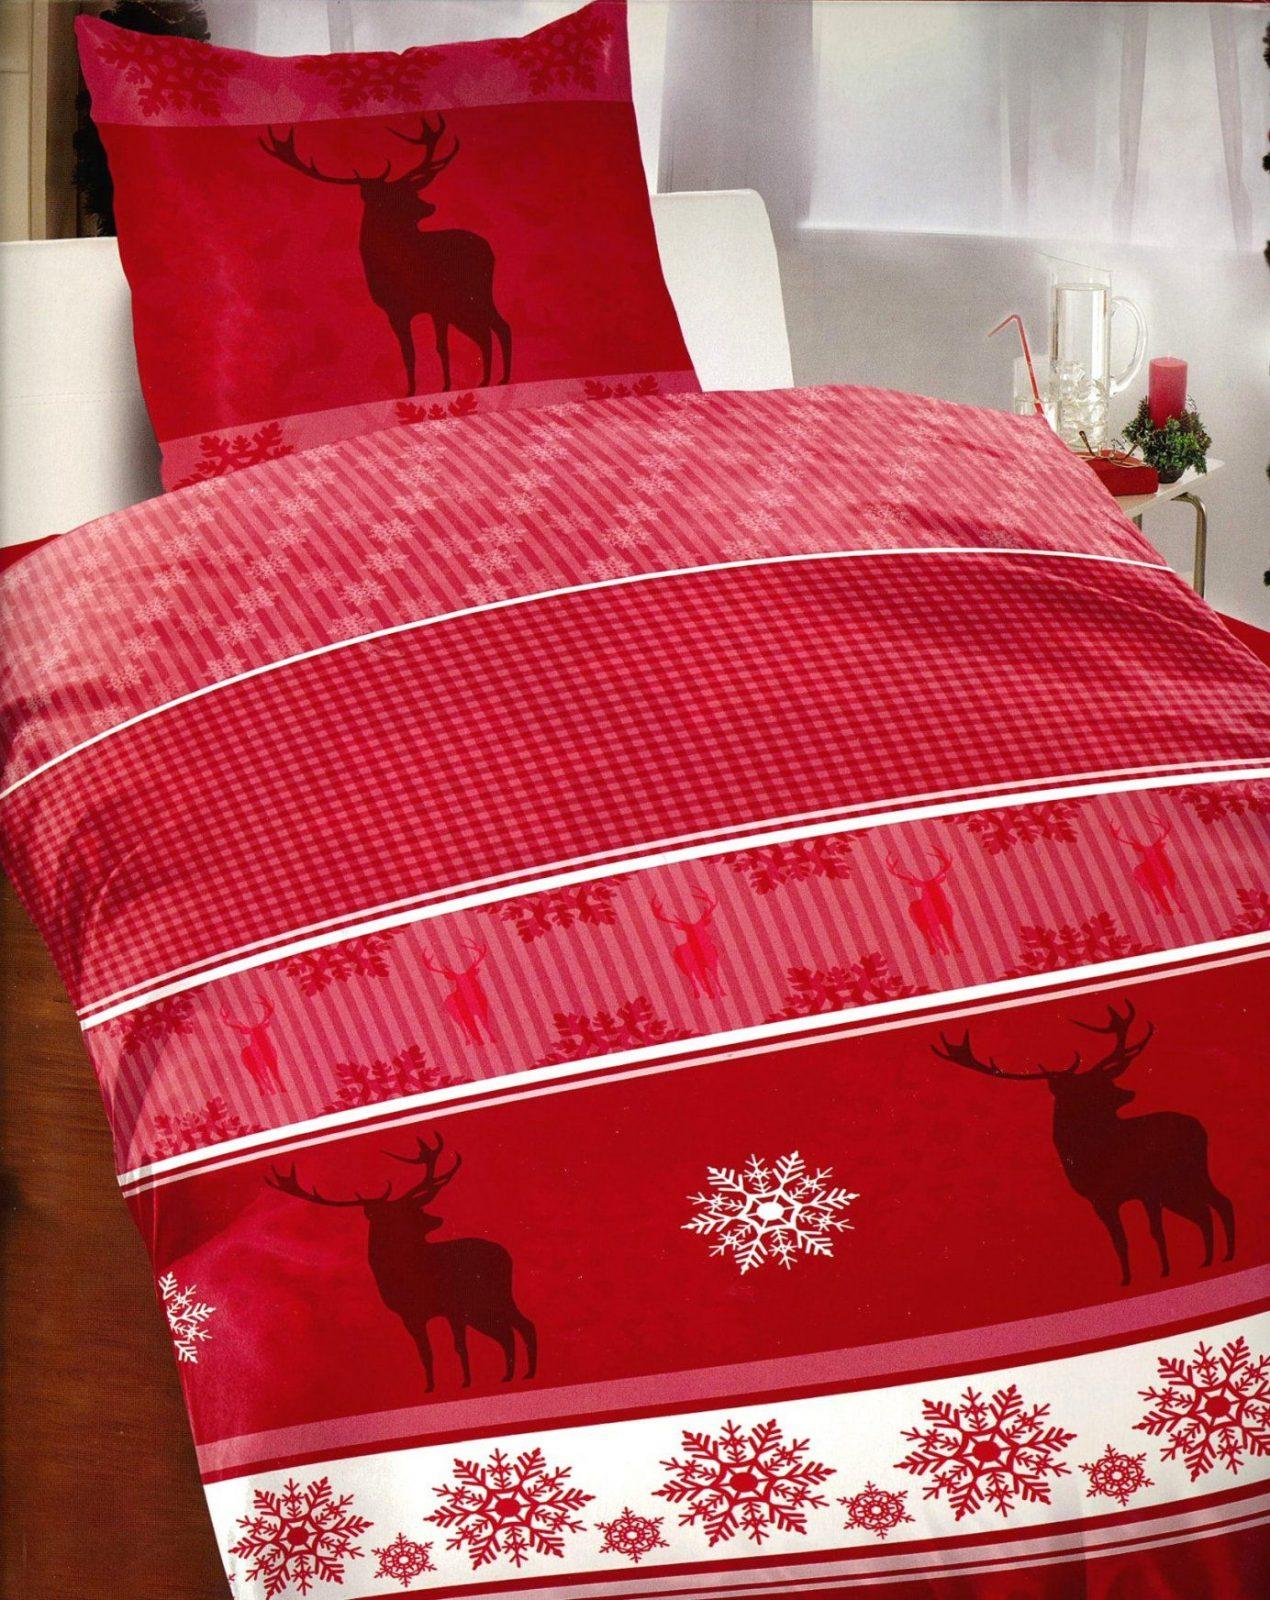 Schöne Ideen Thermo Fleece Bettwäsche Und Charmante 2 Tlg Winter von Thermo Fleece Bettwäsche Bild